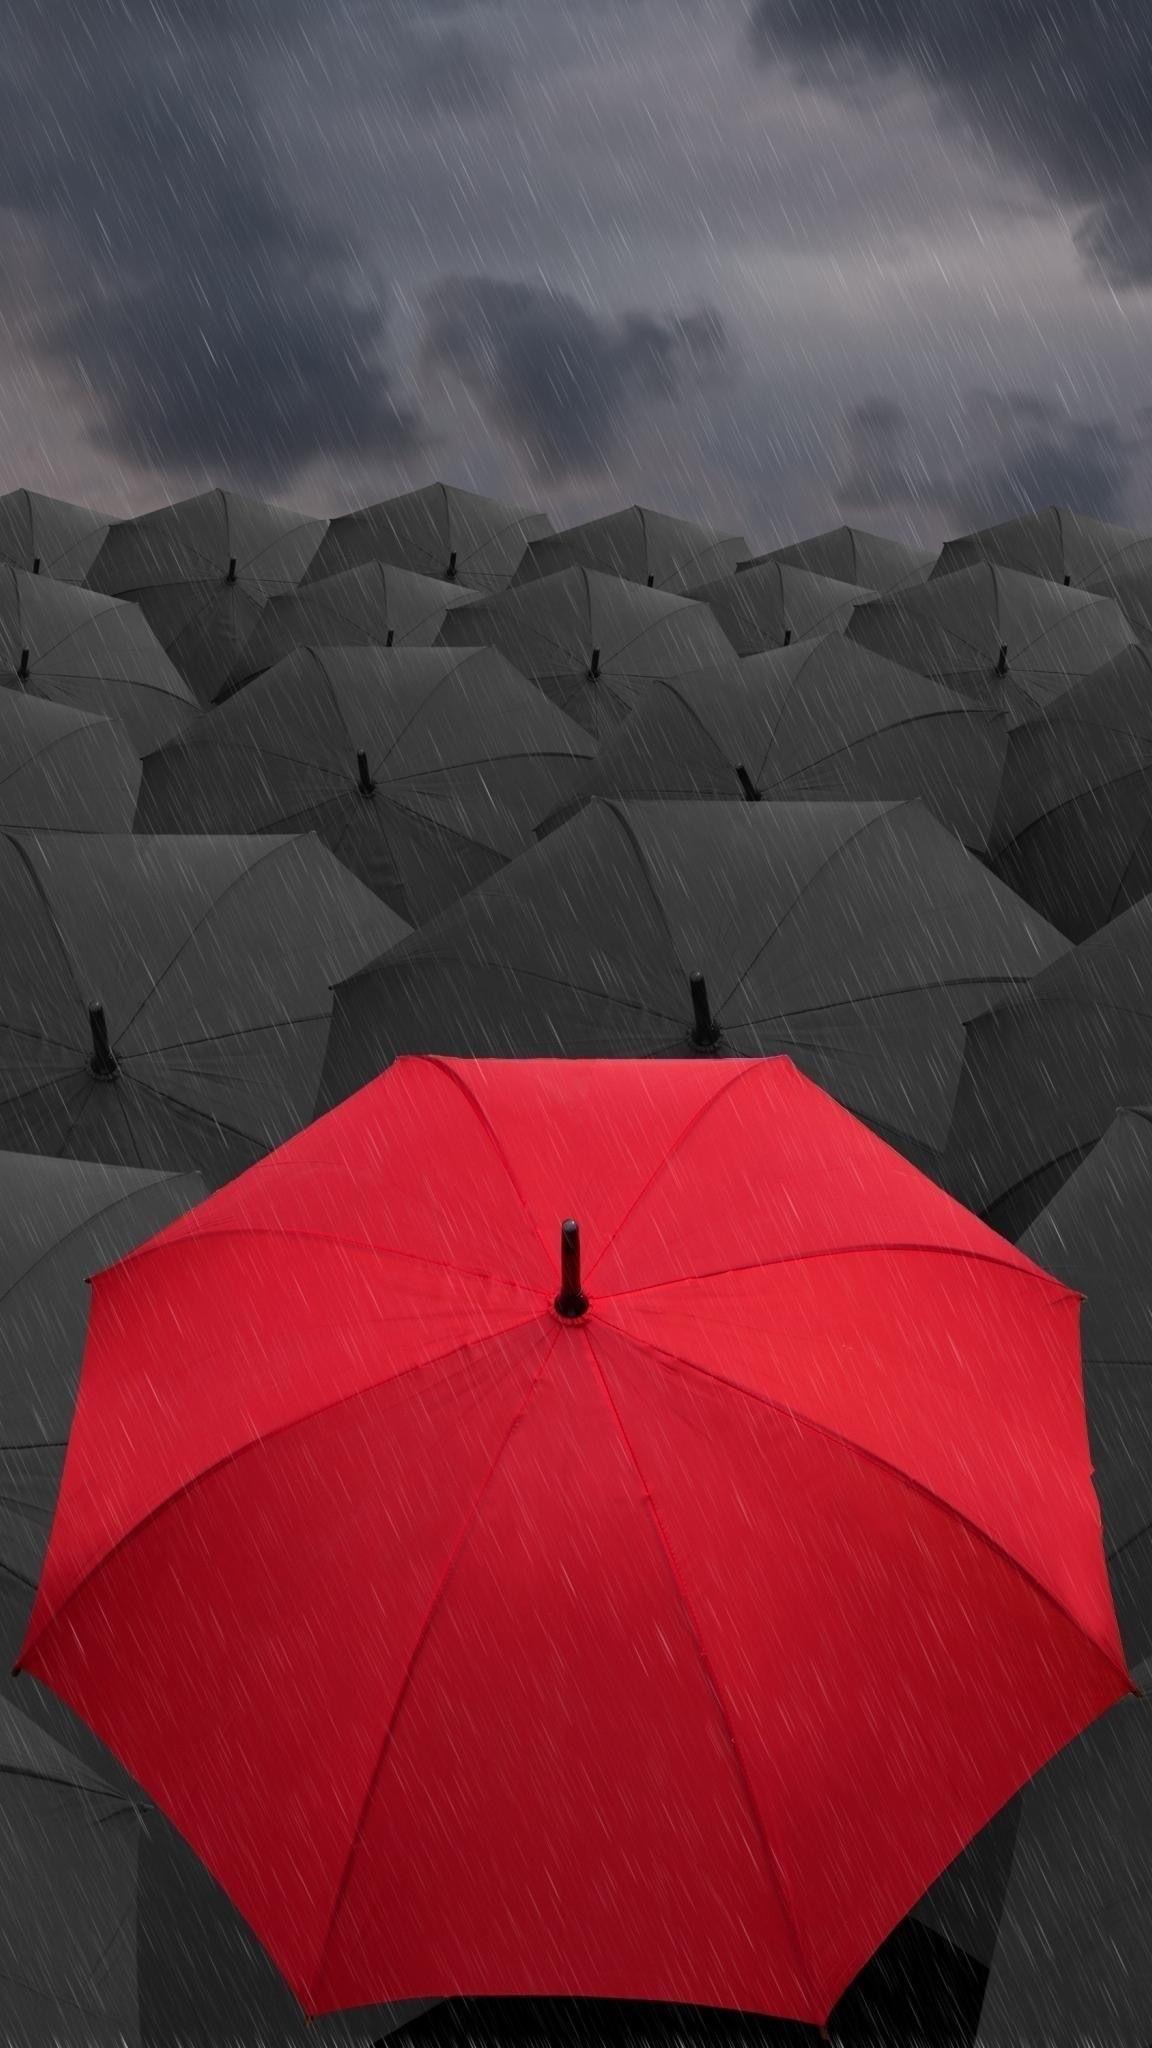 Hd Mobile Wallpaper Kappboom Com Red Umbrella Photography Wallpaper Umbrella